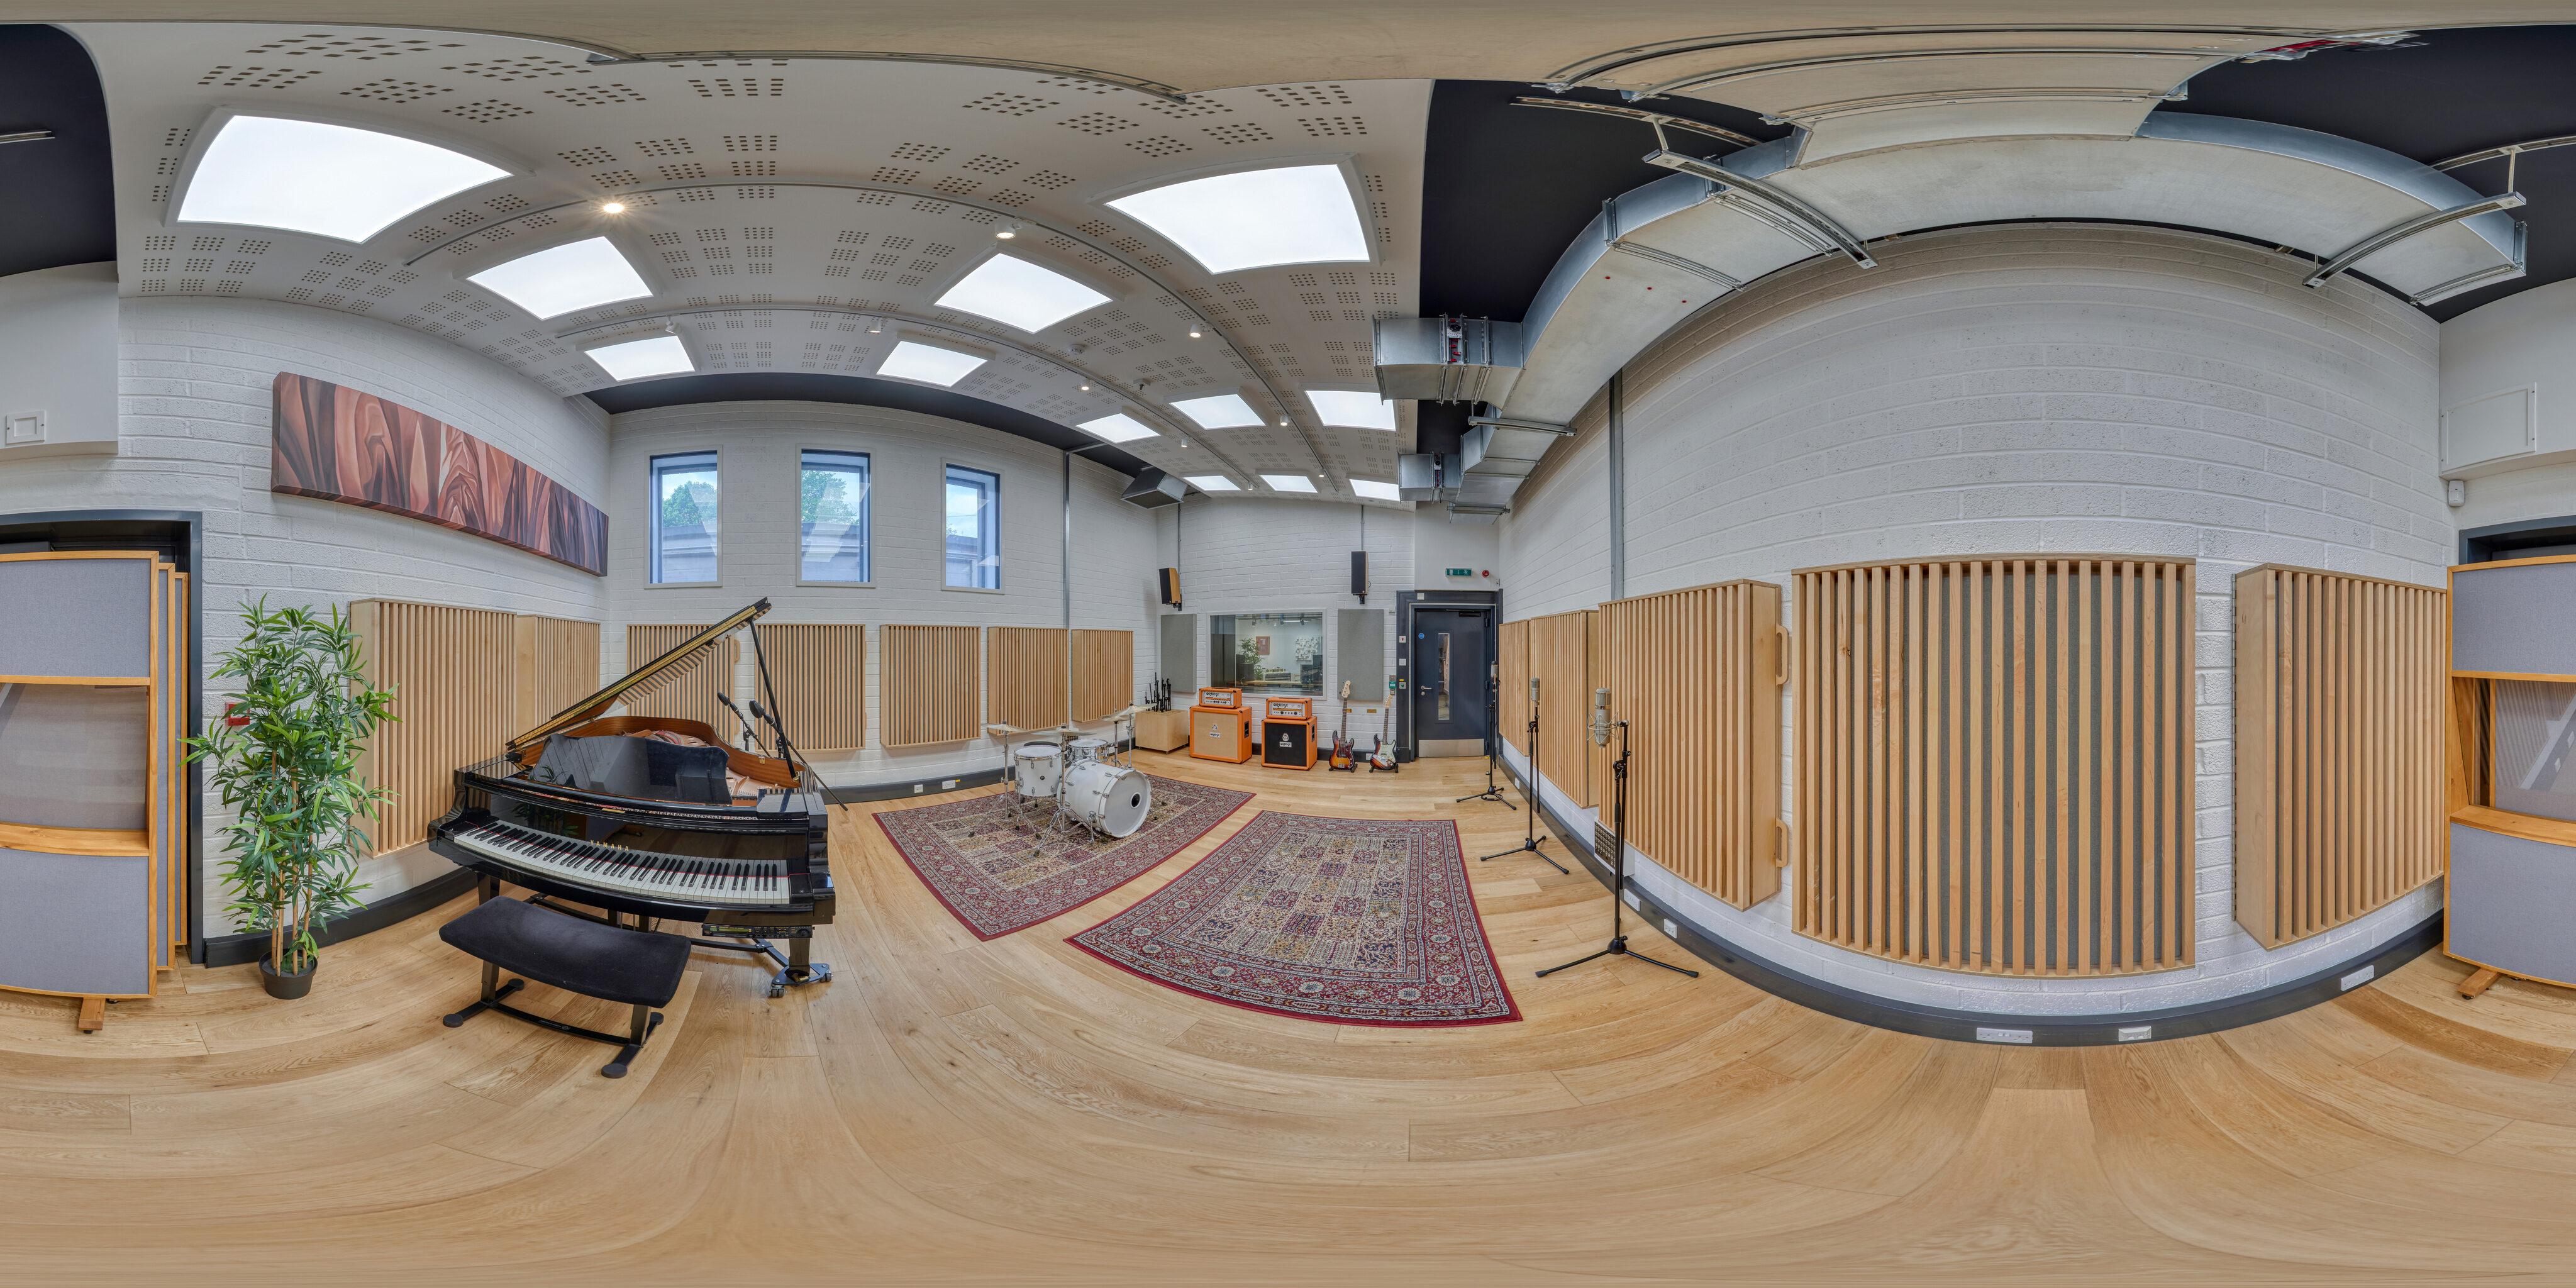 360 of Recording Studio